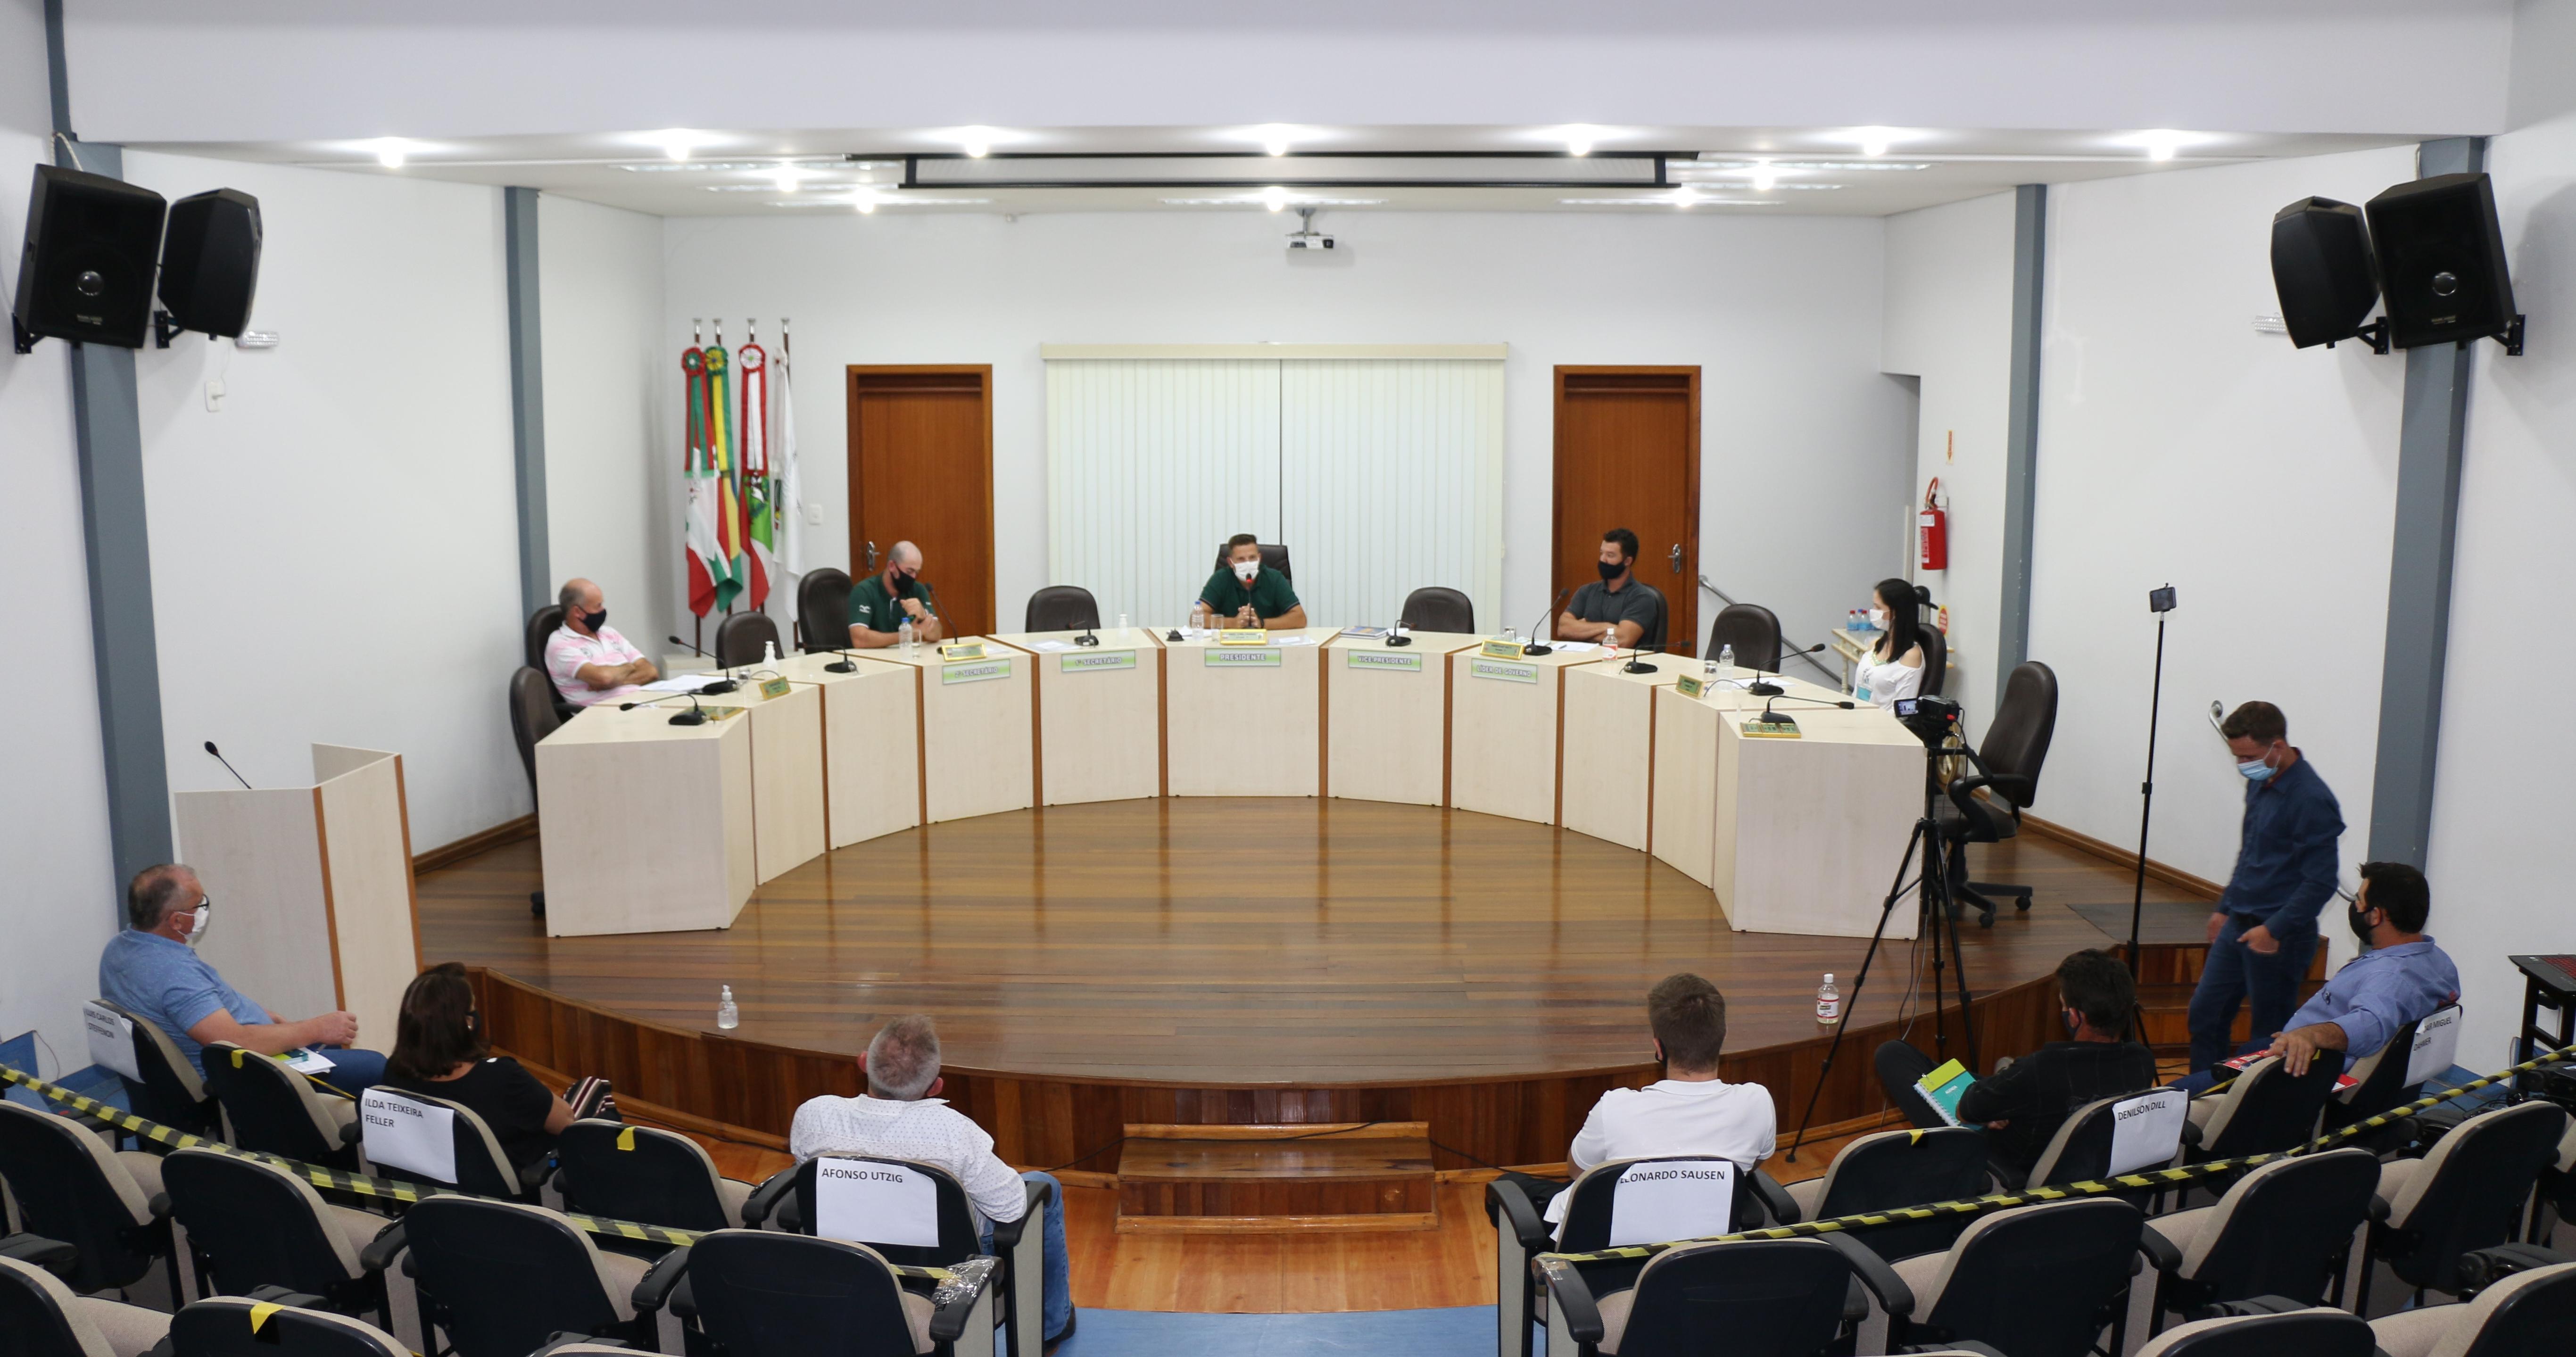 Foto: Paulo César Casweski/Ascom